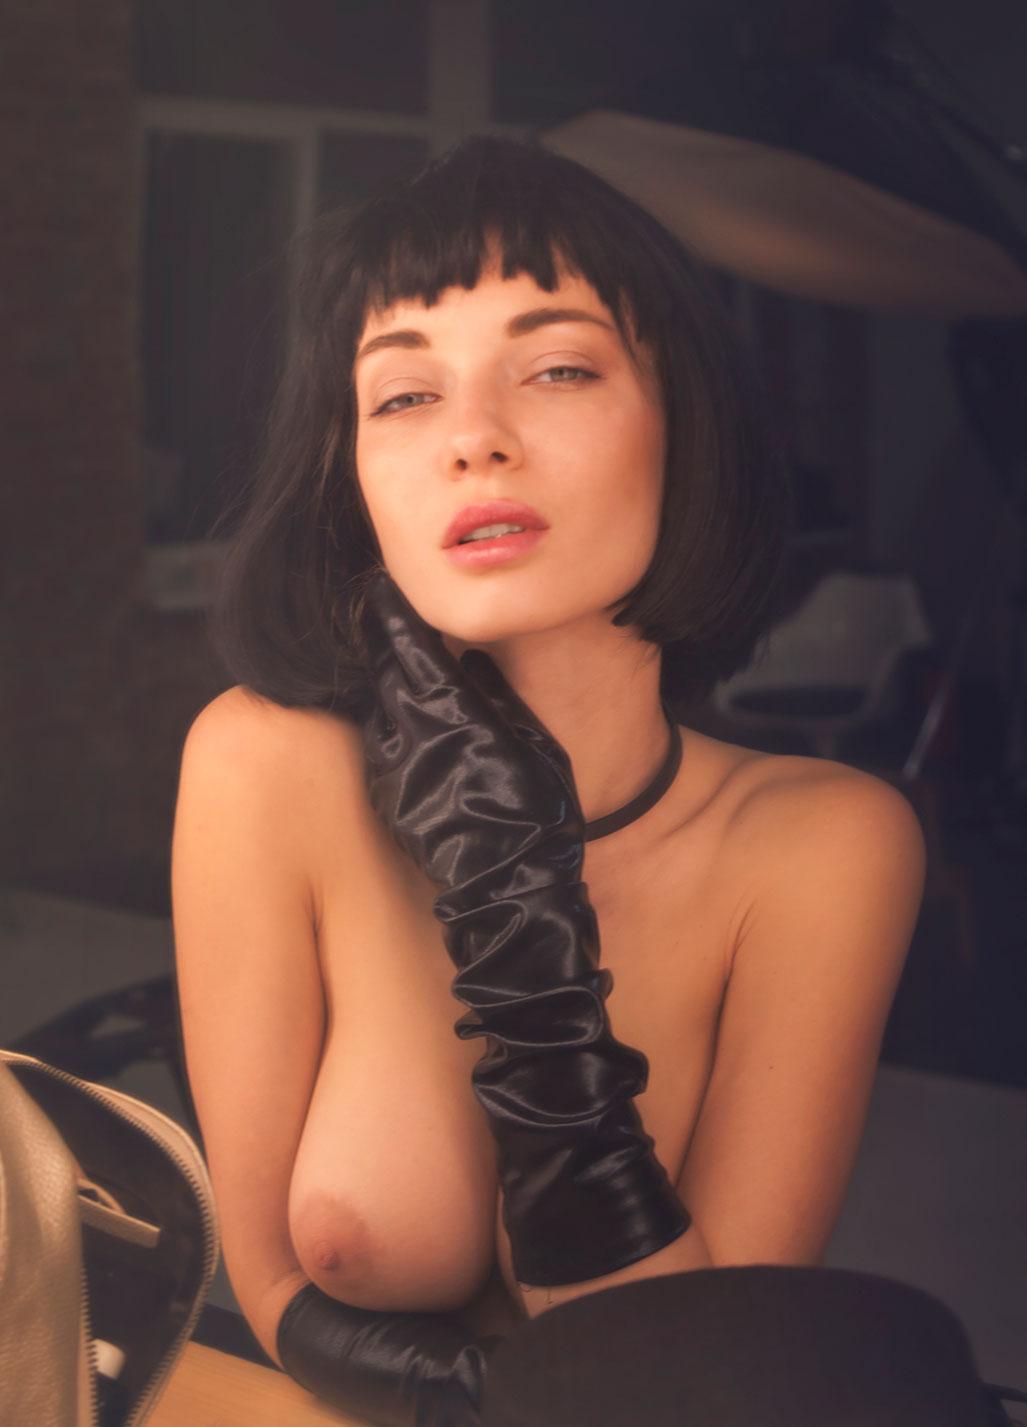 подборка фотографий сексуальных голых девушек - Наталия Андреева / Natalia Andreeva